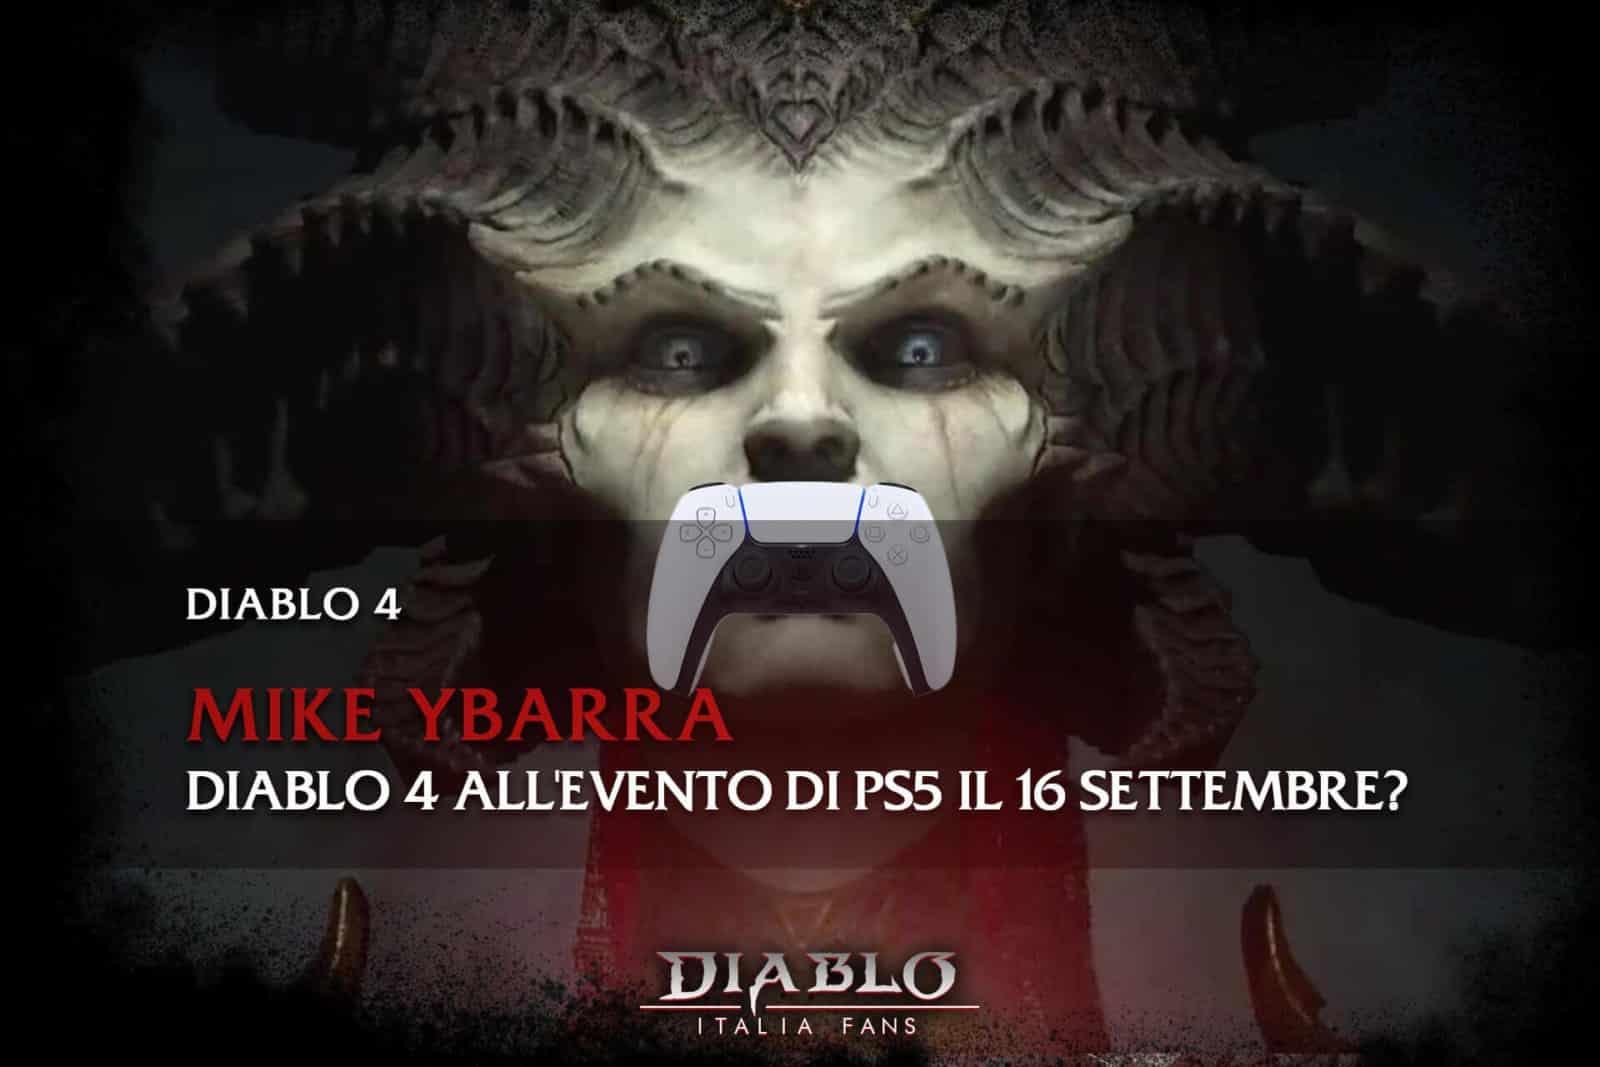 Diablo 4 sarà presente all'evento di PS5 il 16 settembre